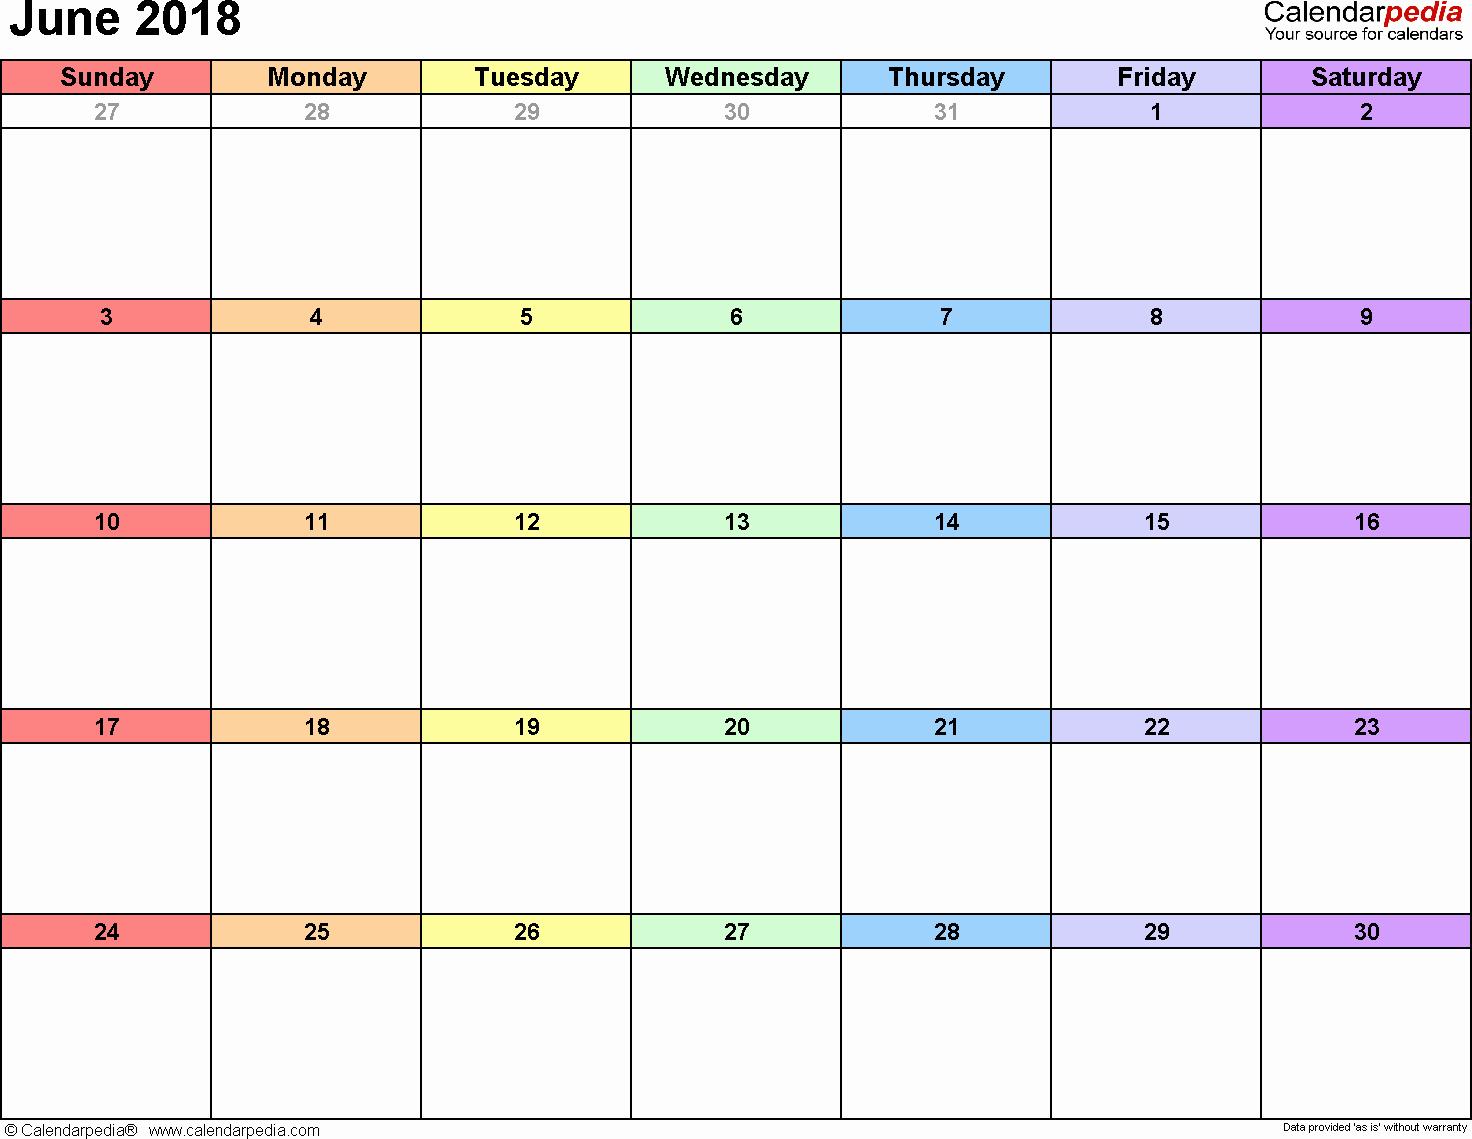 2018 Month by Month Calendar Beautiful June 2018 Calendar Word